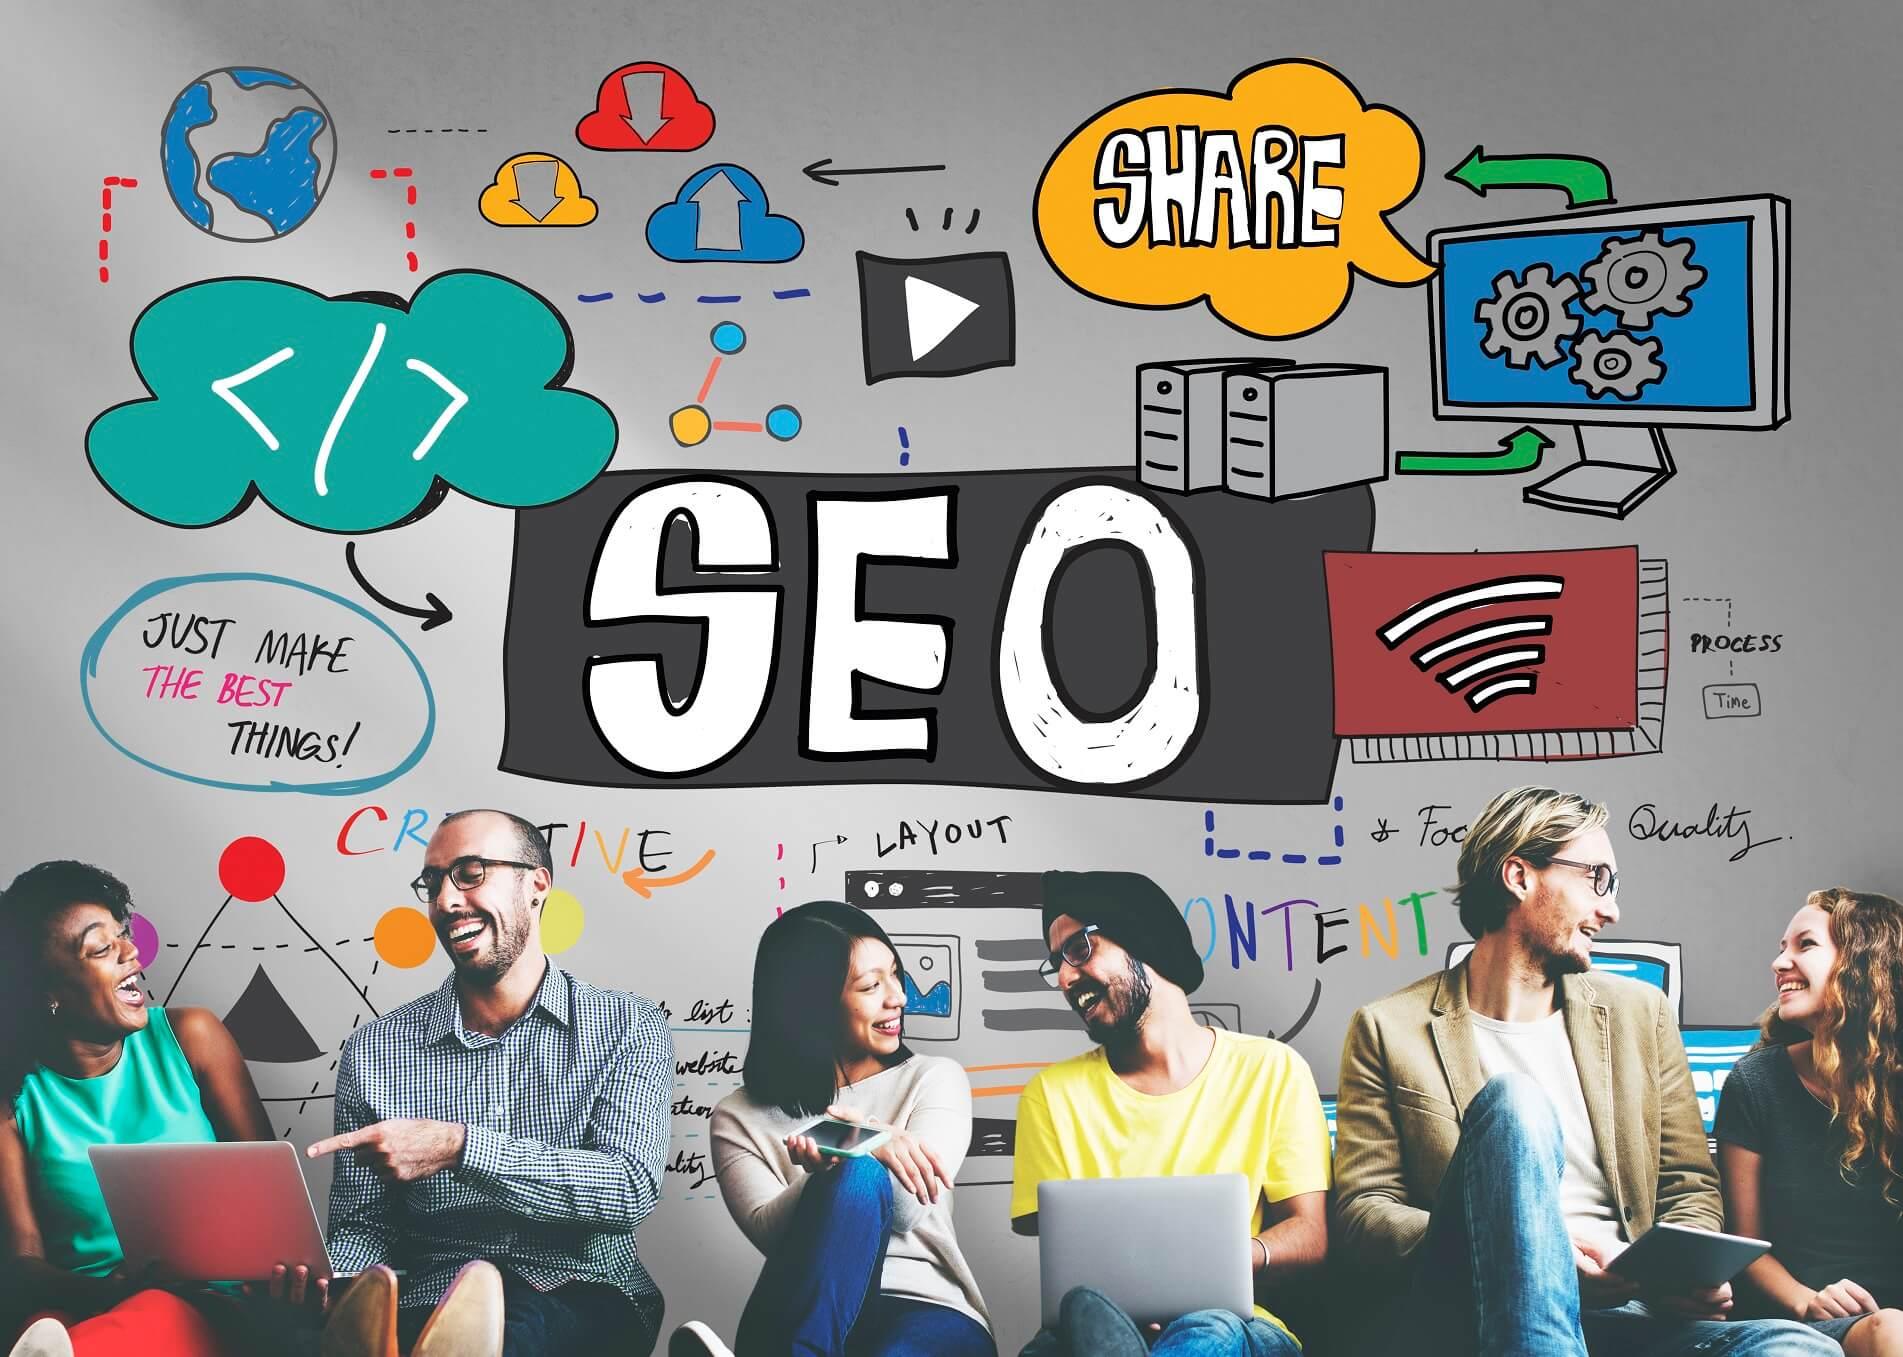 מה ההבדל בין קידום אתרים גדולים לקידום אתרים קטנים?